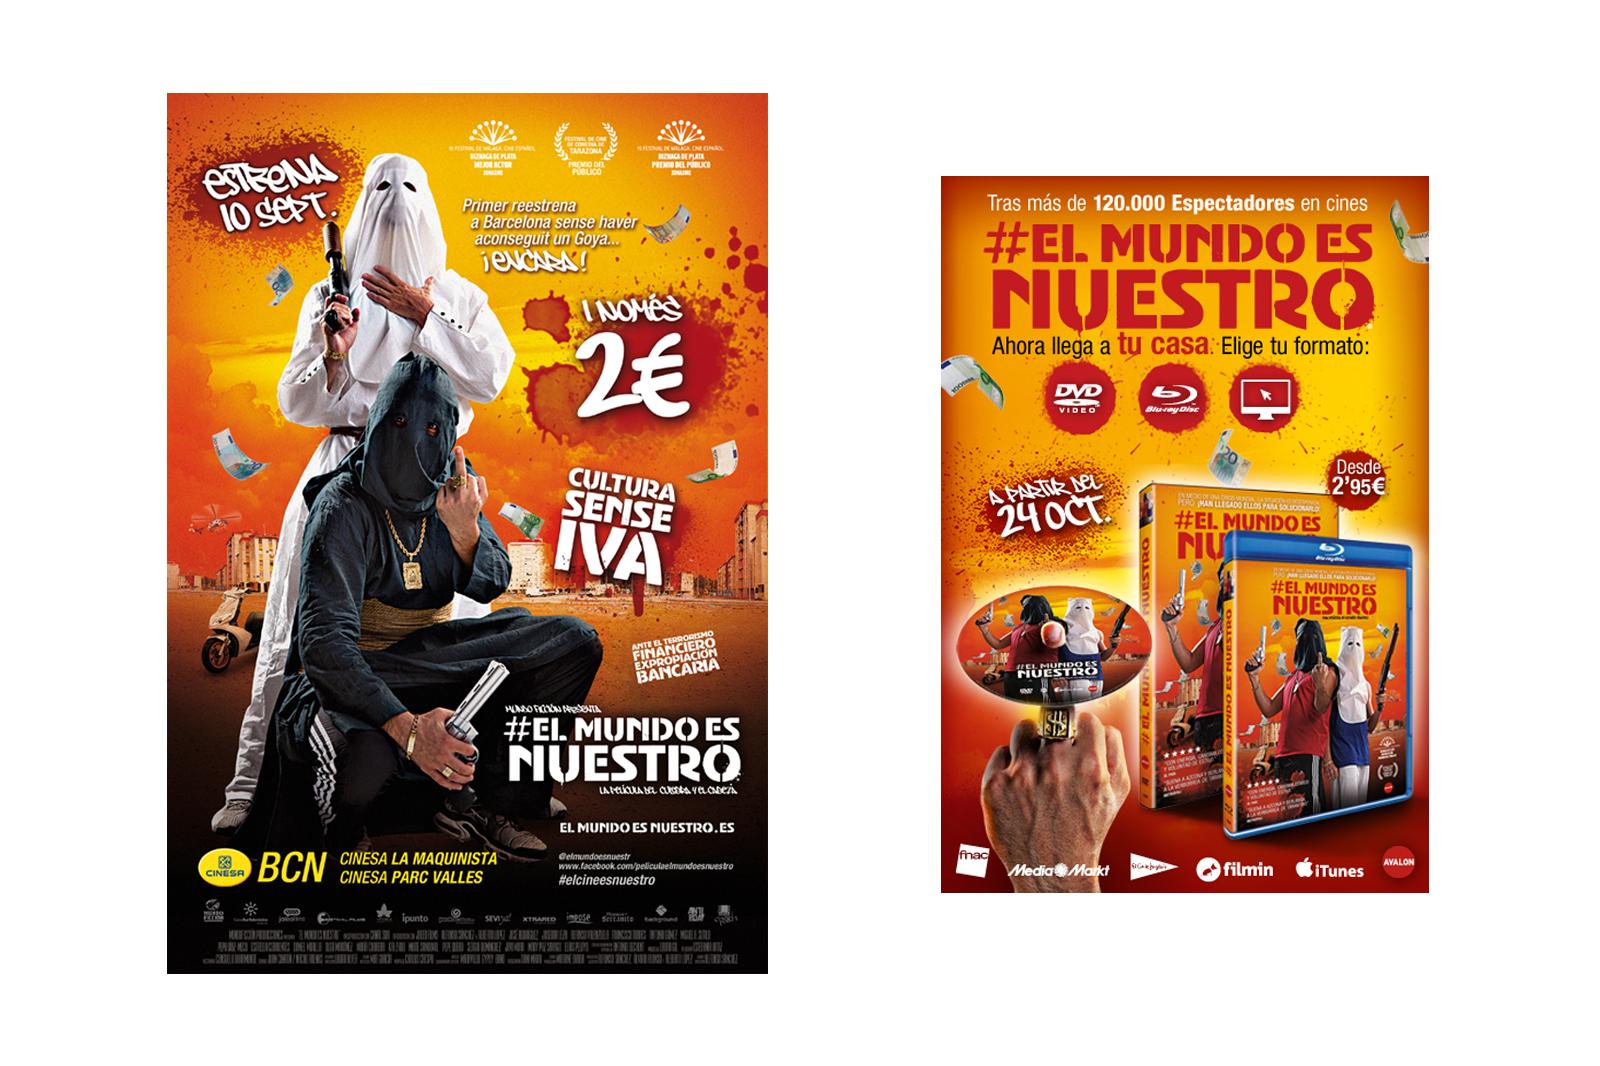 Pedro Cabañas - Design - EL MUNDO ES NUESTRO